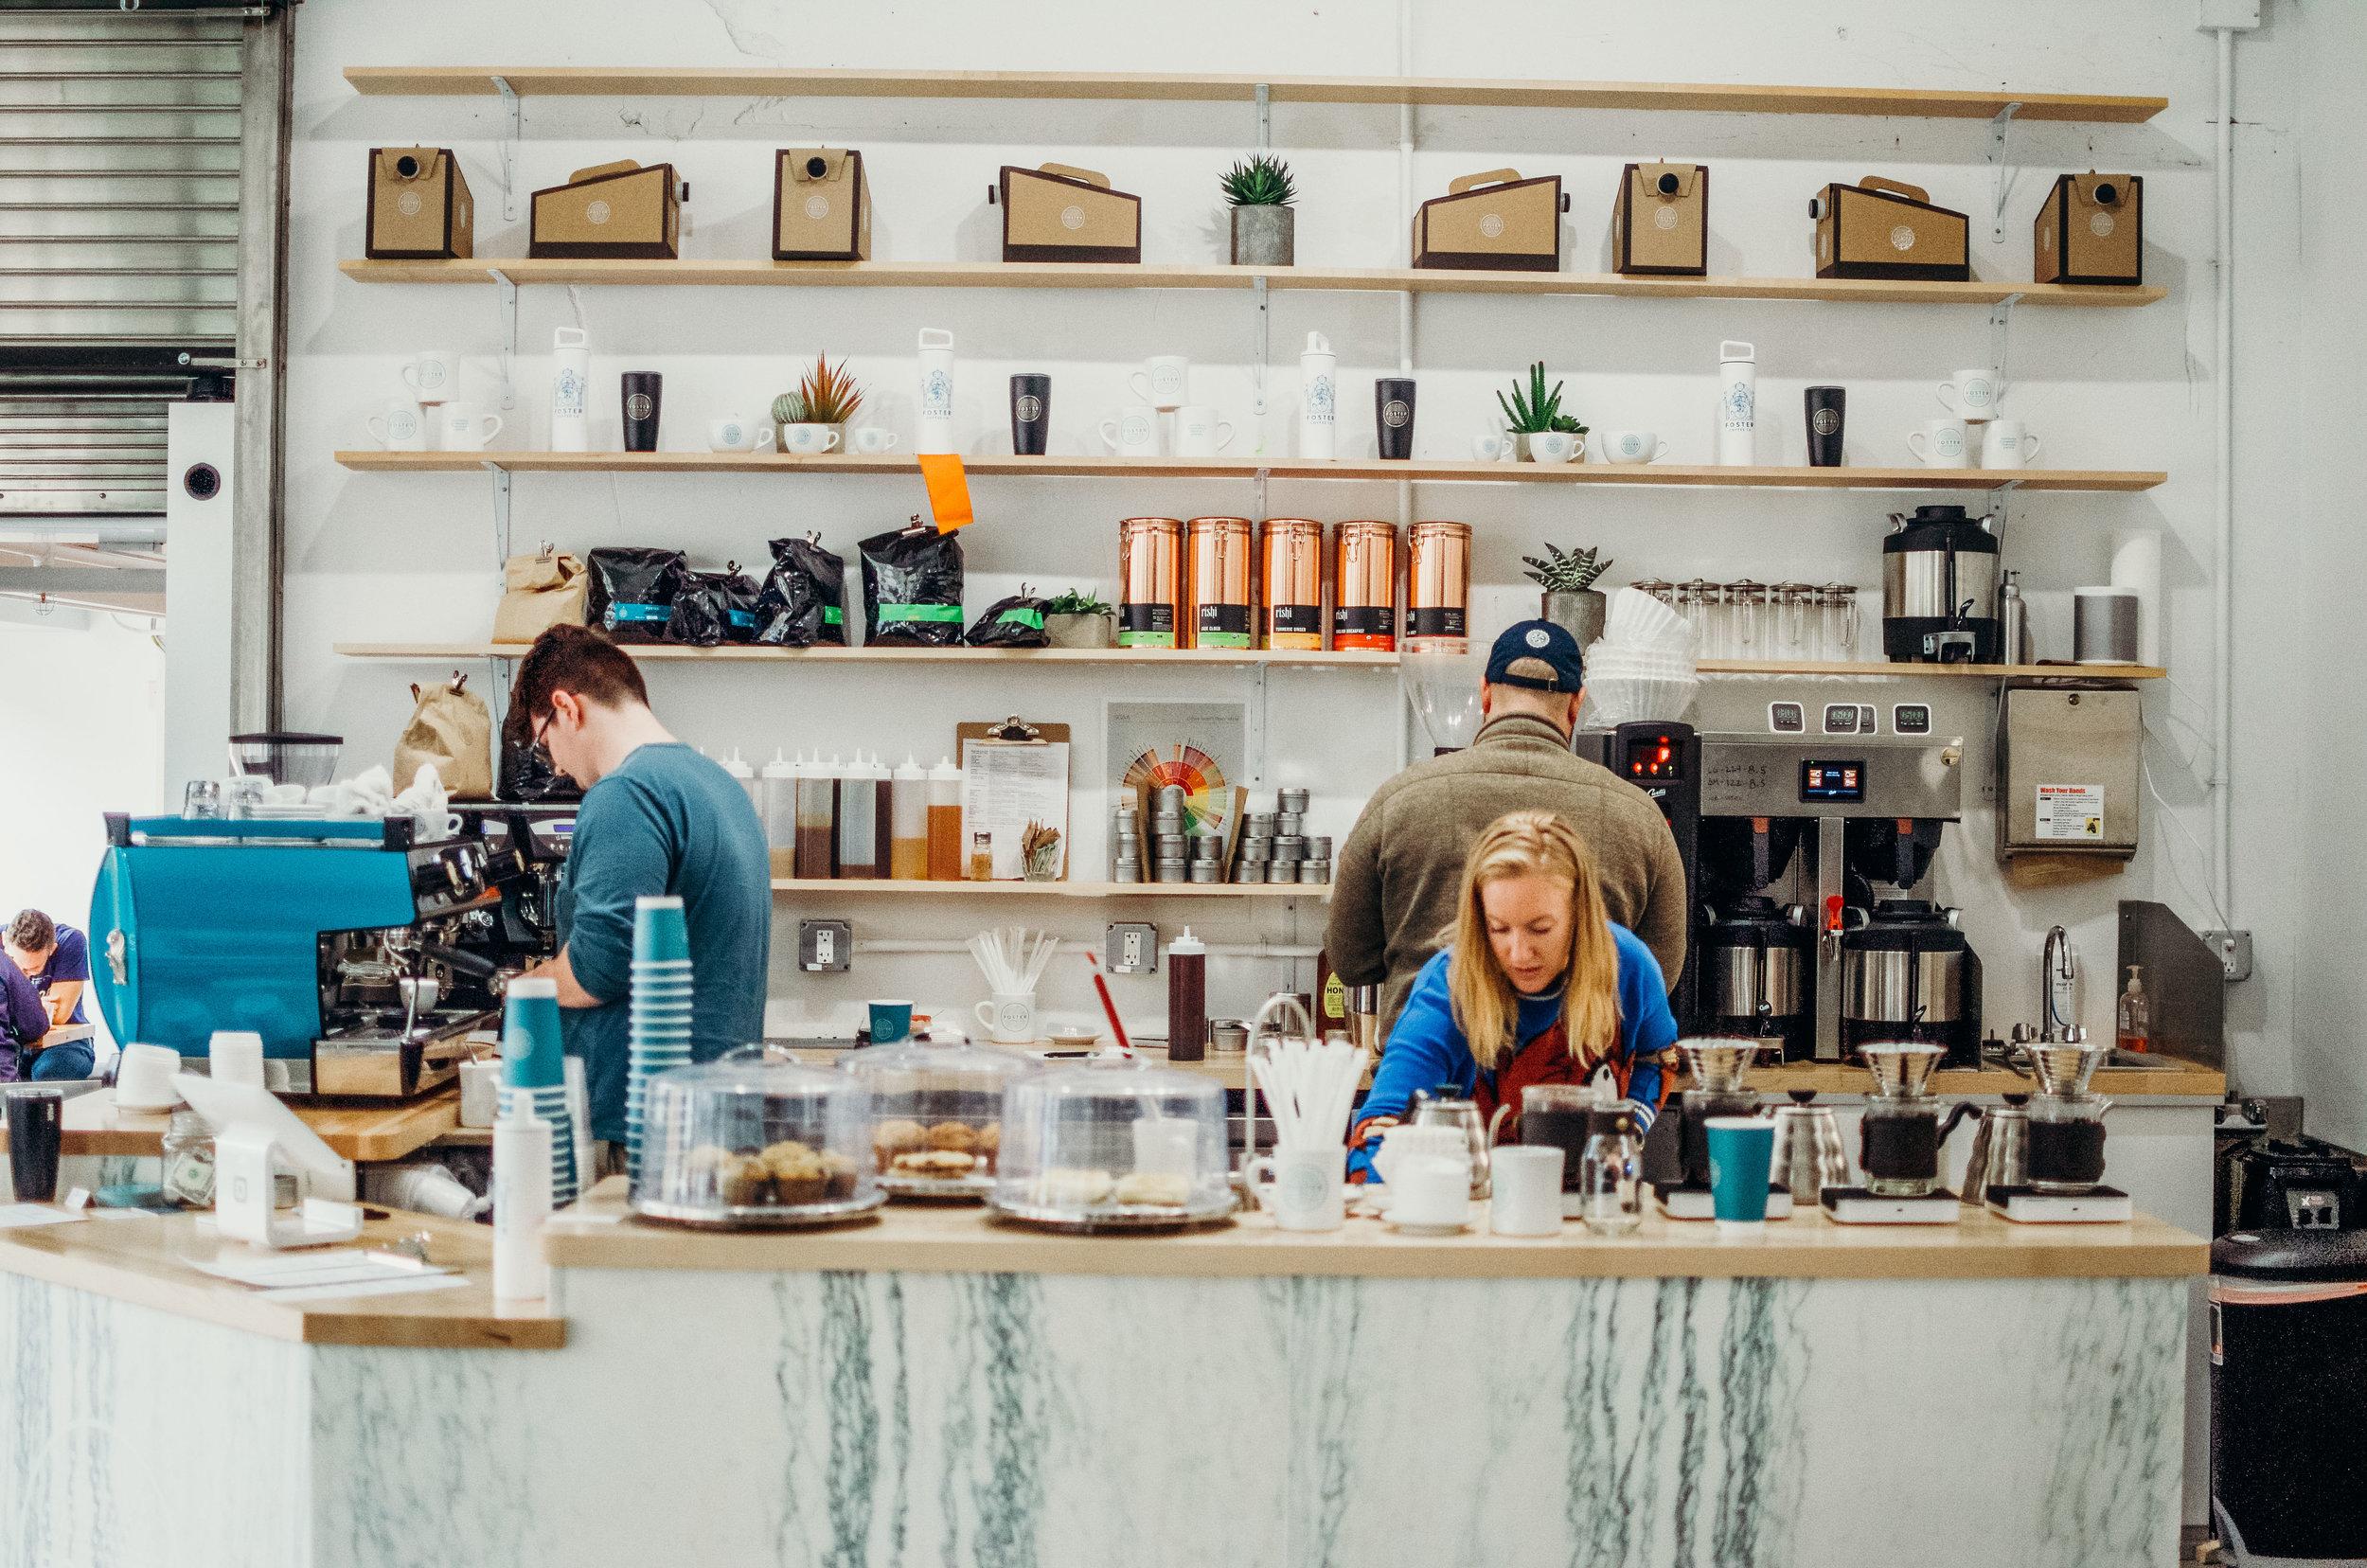 Wendling_Boyd_Foster_Flint_Fwrd_Coffee_Shop-15.jpg